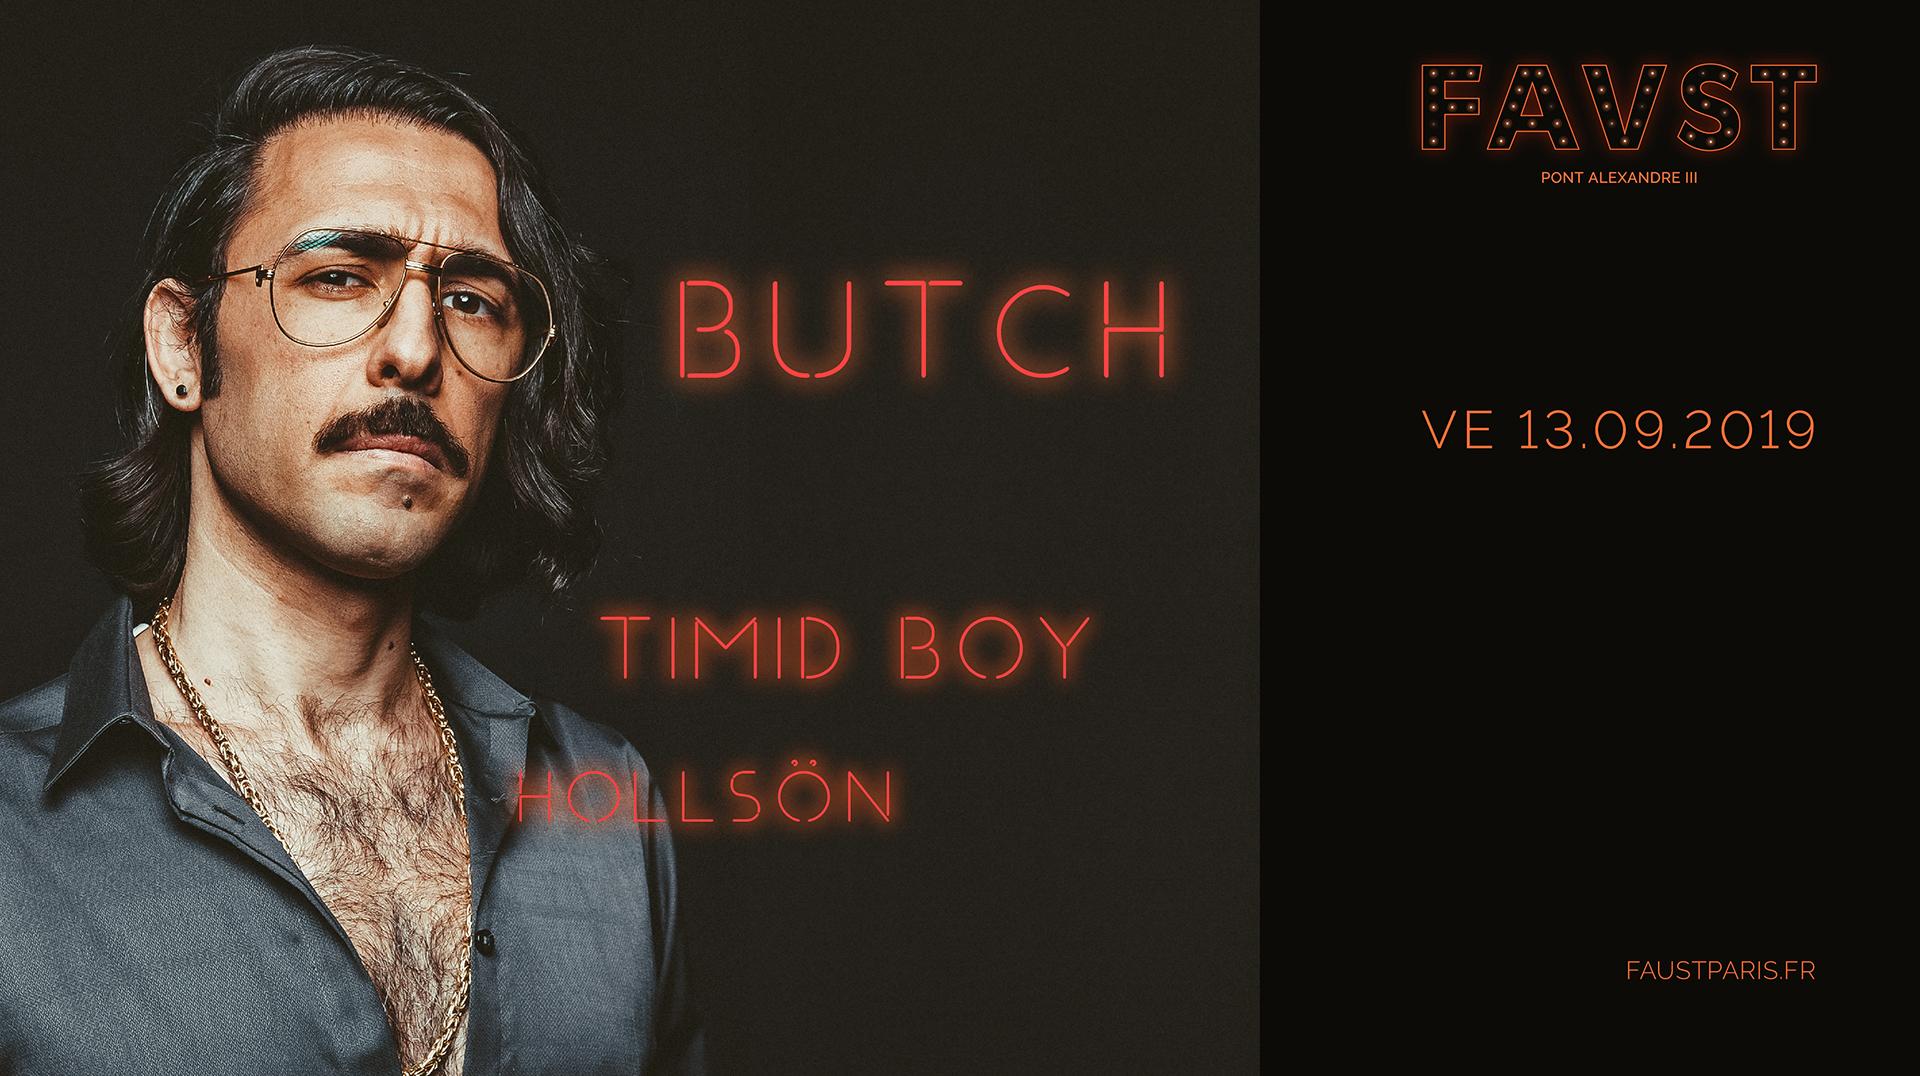 Faust - Butch, Timid Boy, HollSön